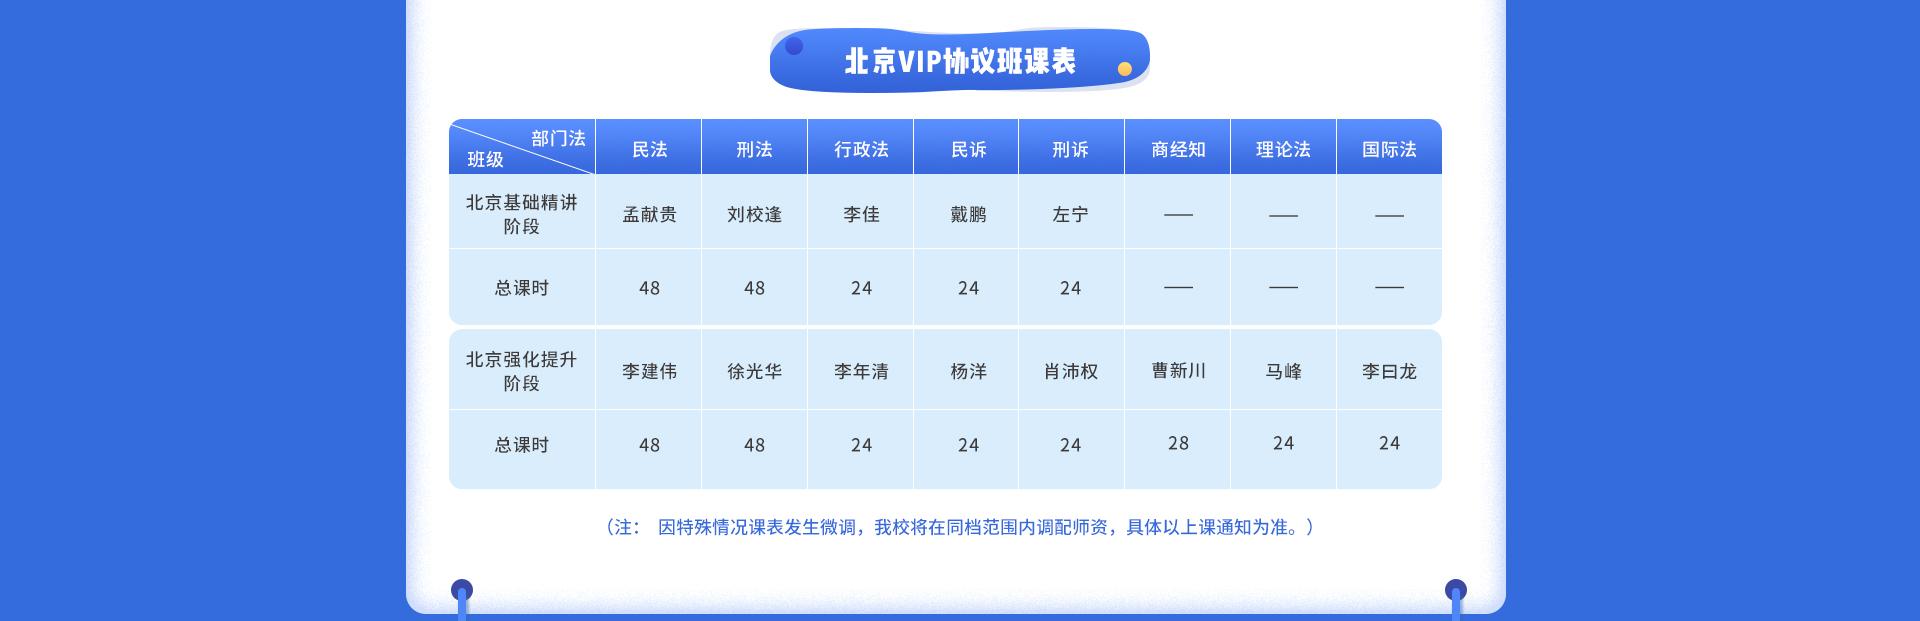 改-专题页面:VIP协议班1920x_04.png